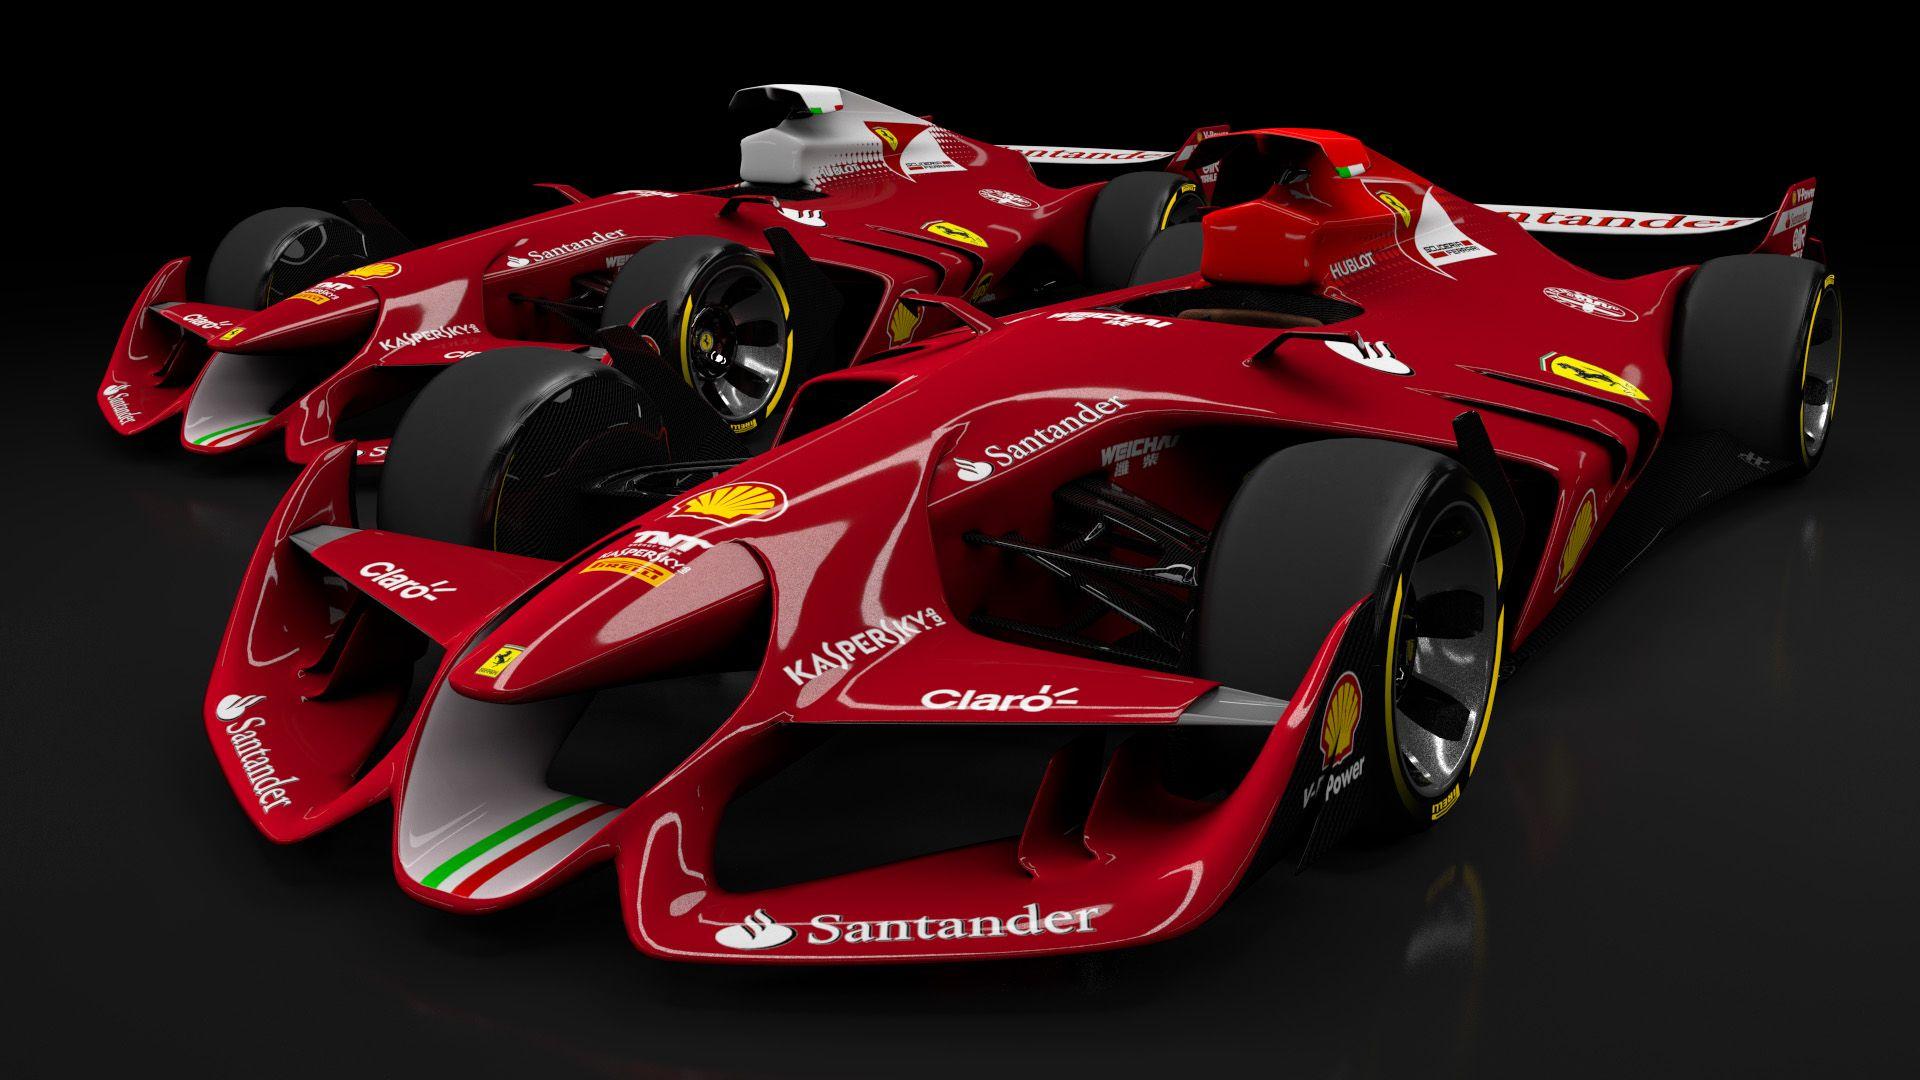 Ferrari Concept F1 1960x1306 119 Kb Ferrari Pinterest – Diagram Of A Formula 1 Race Engine